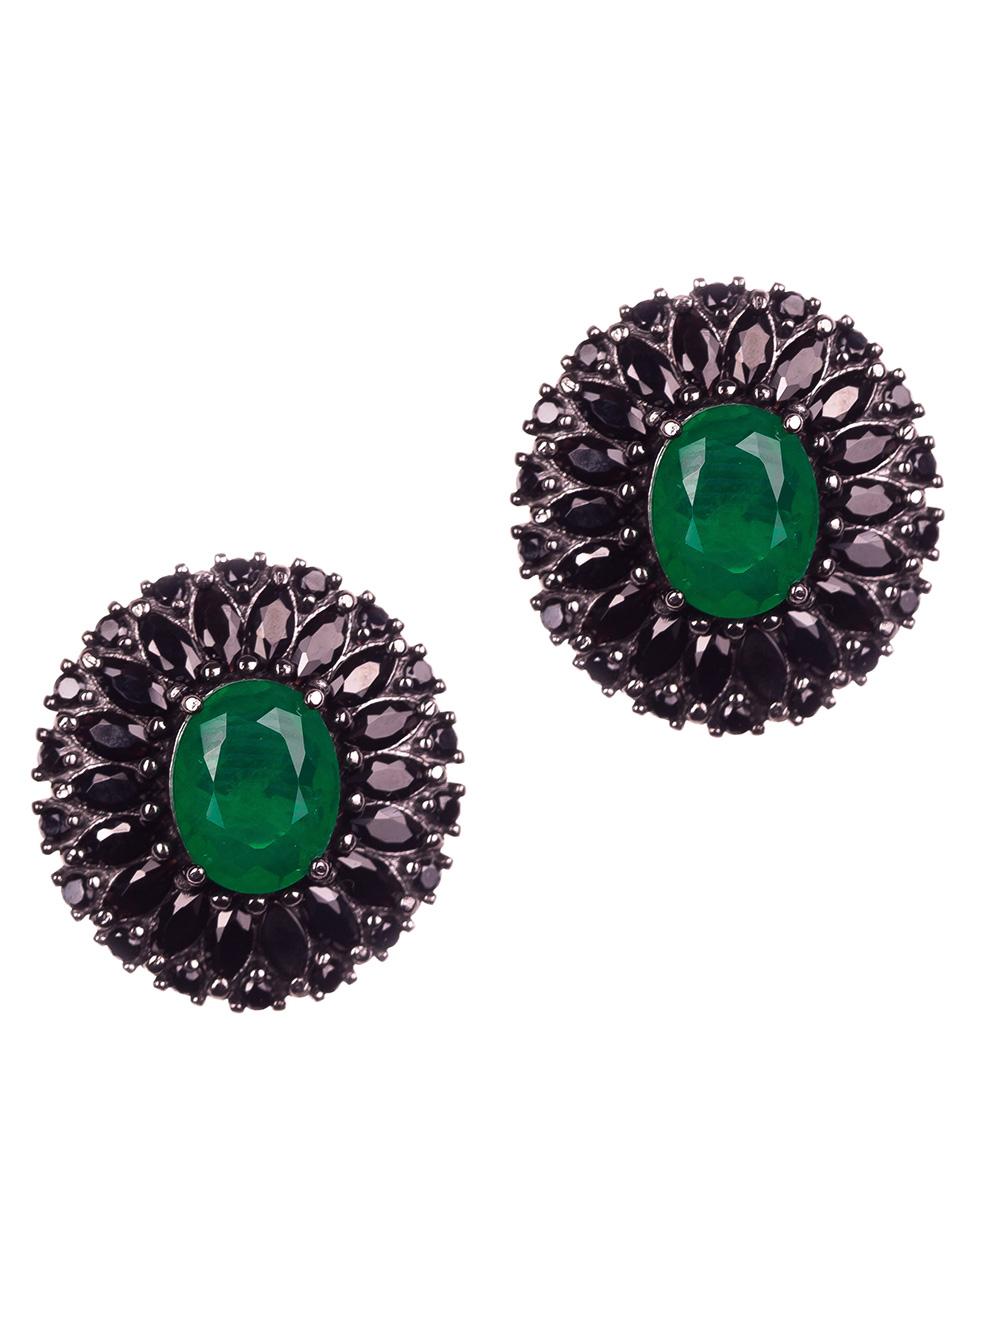 Brinco de prata oval com esmeraldas e espinélios